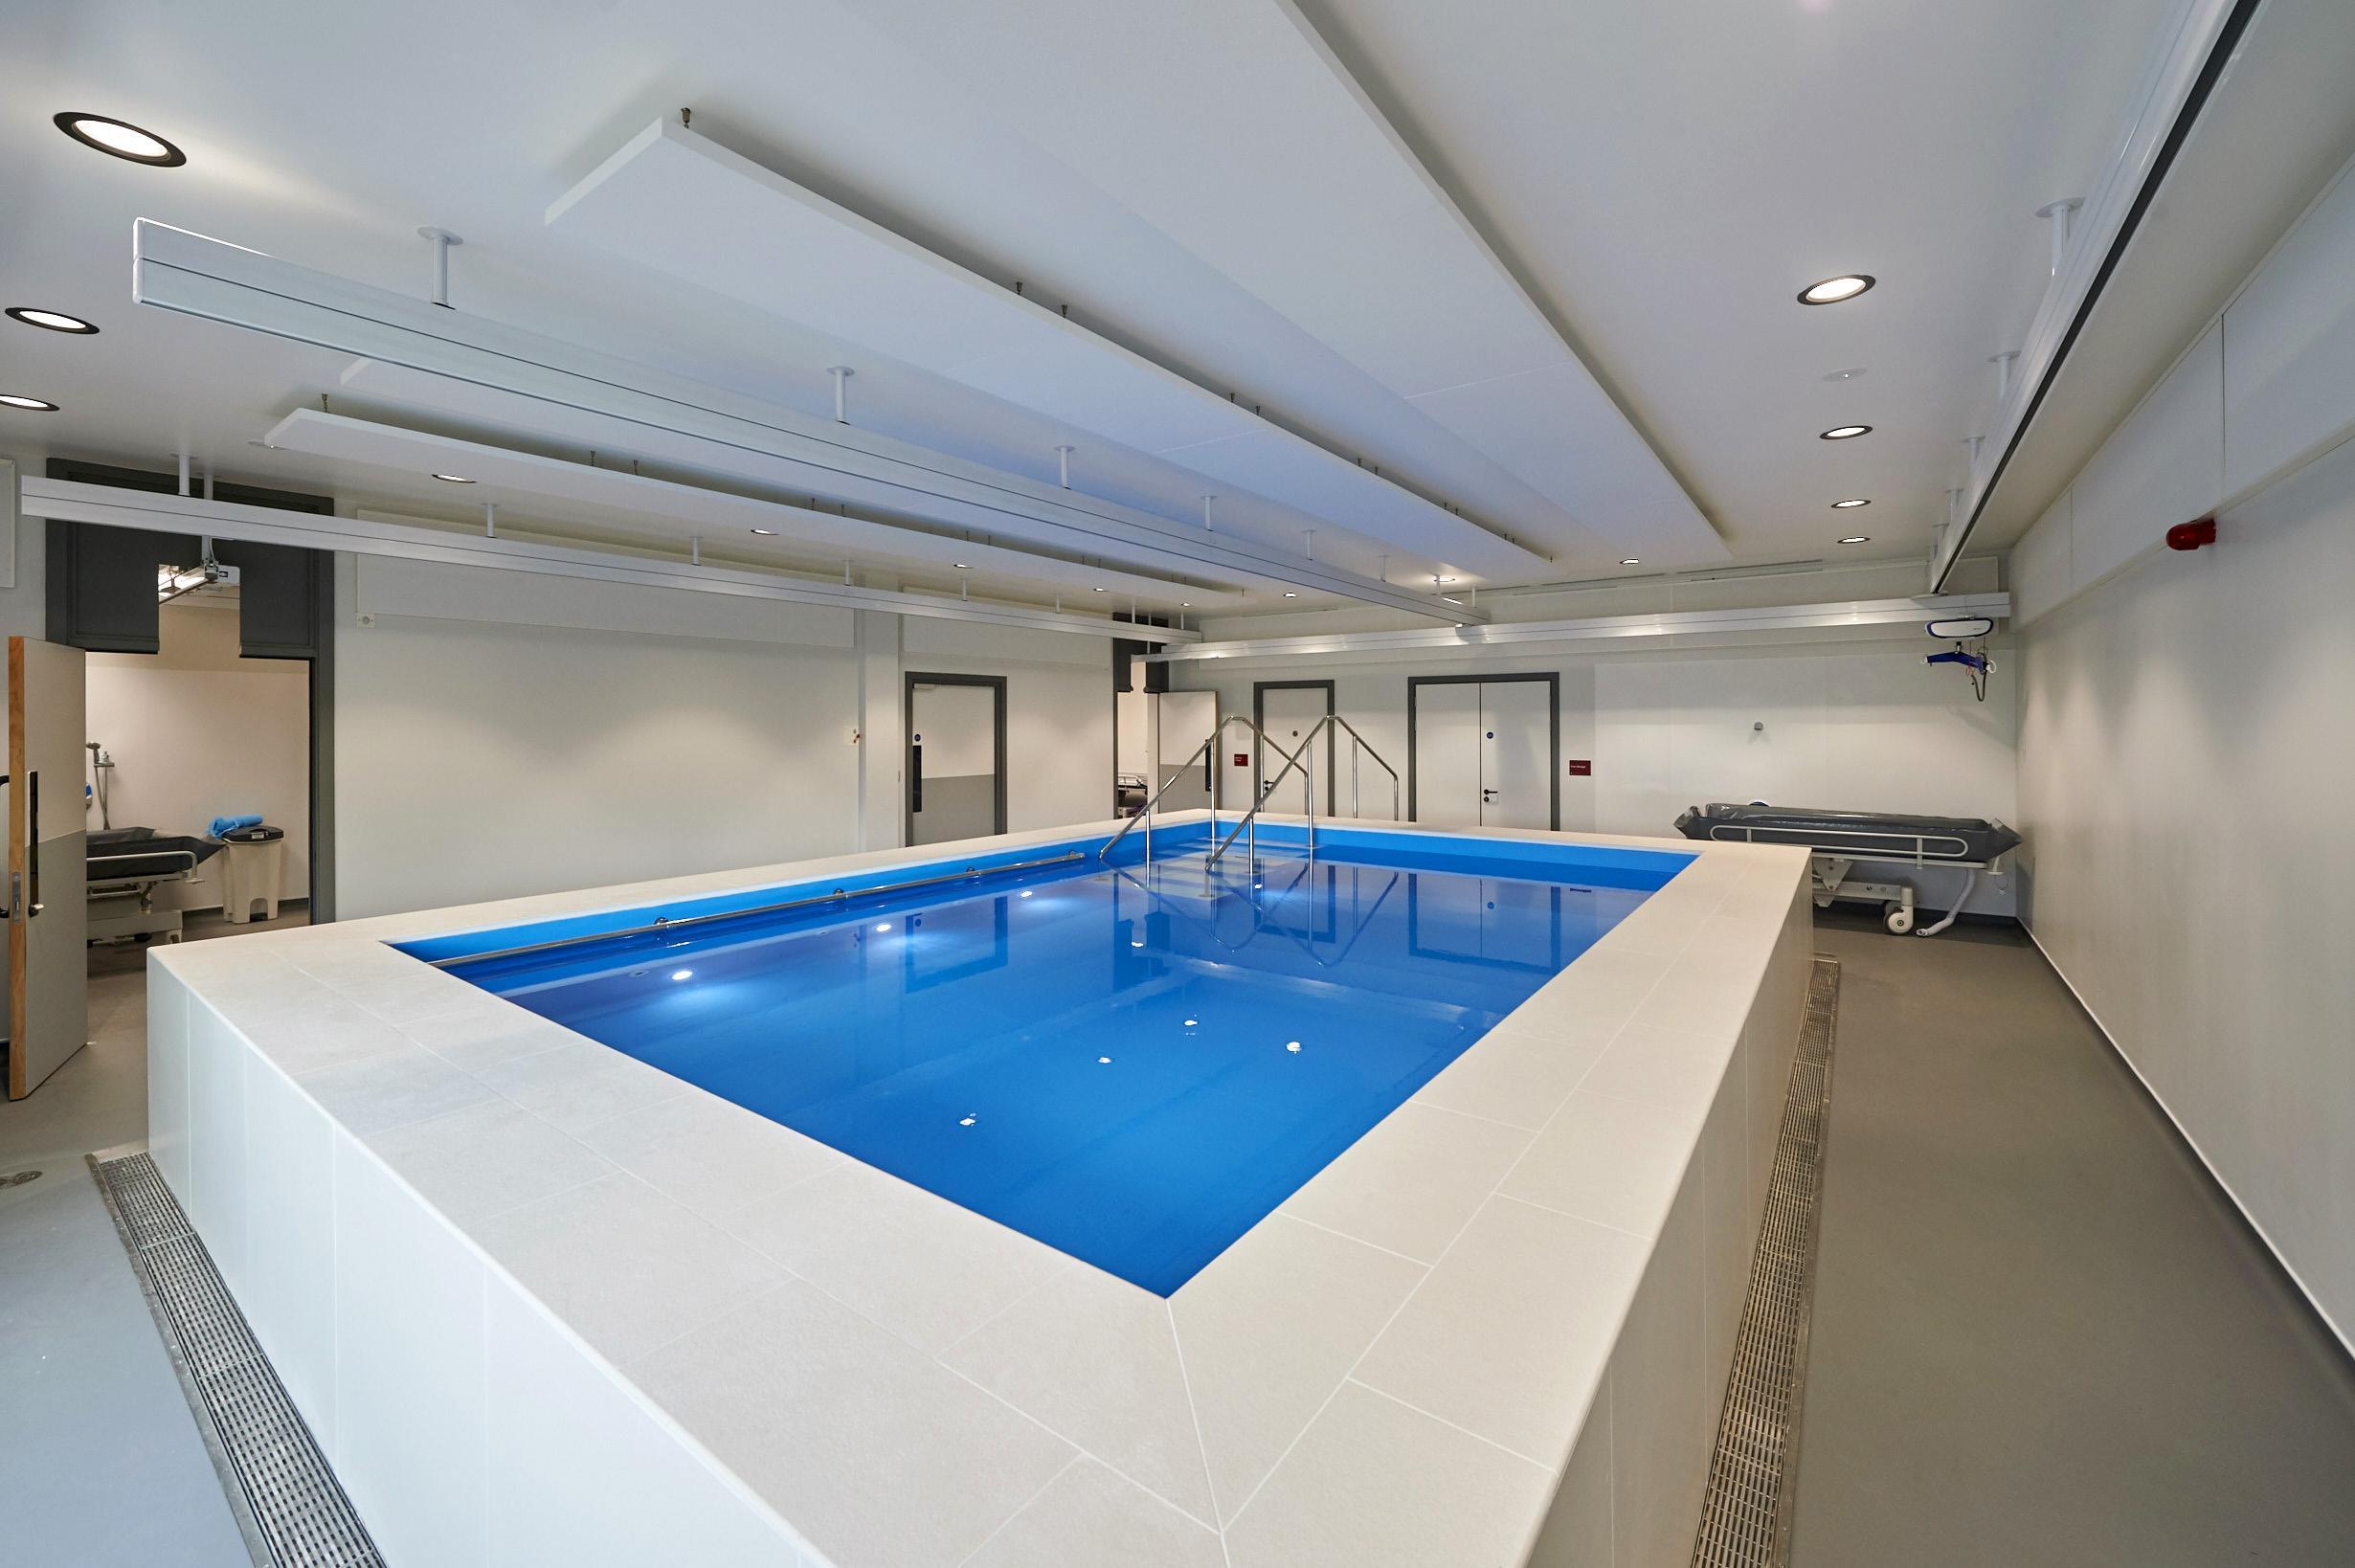 pool-overhead-hoist